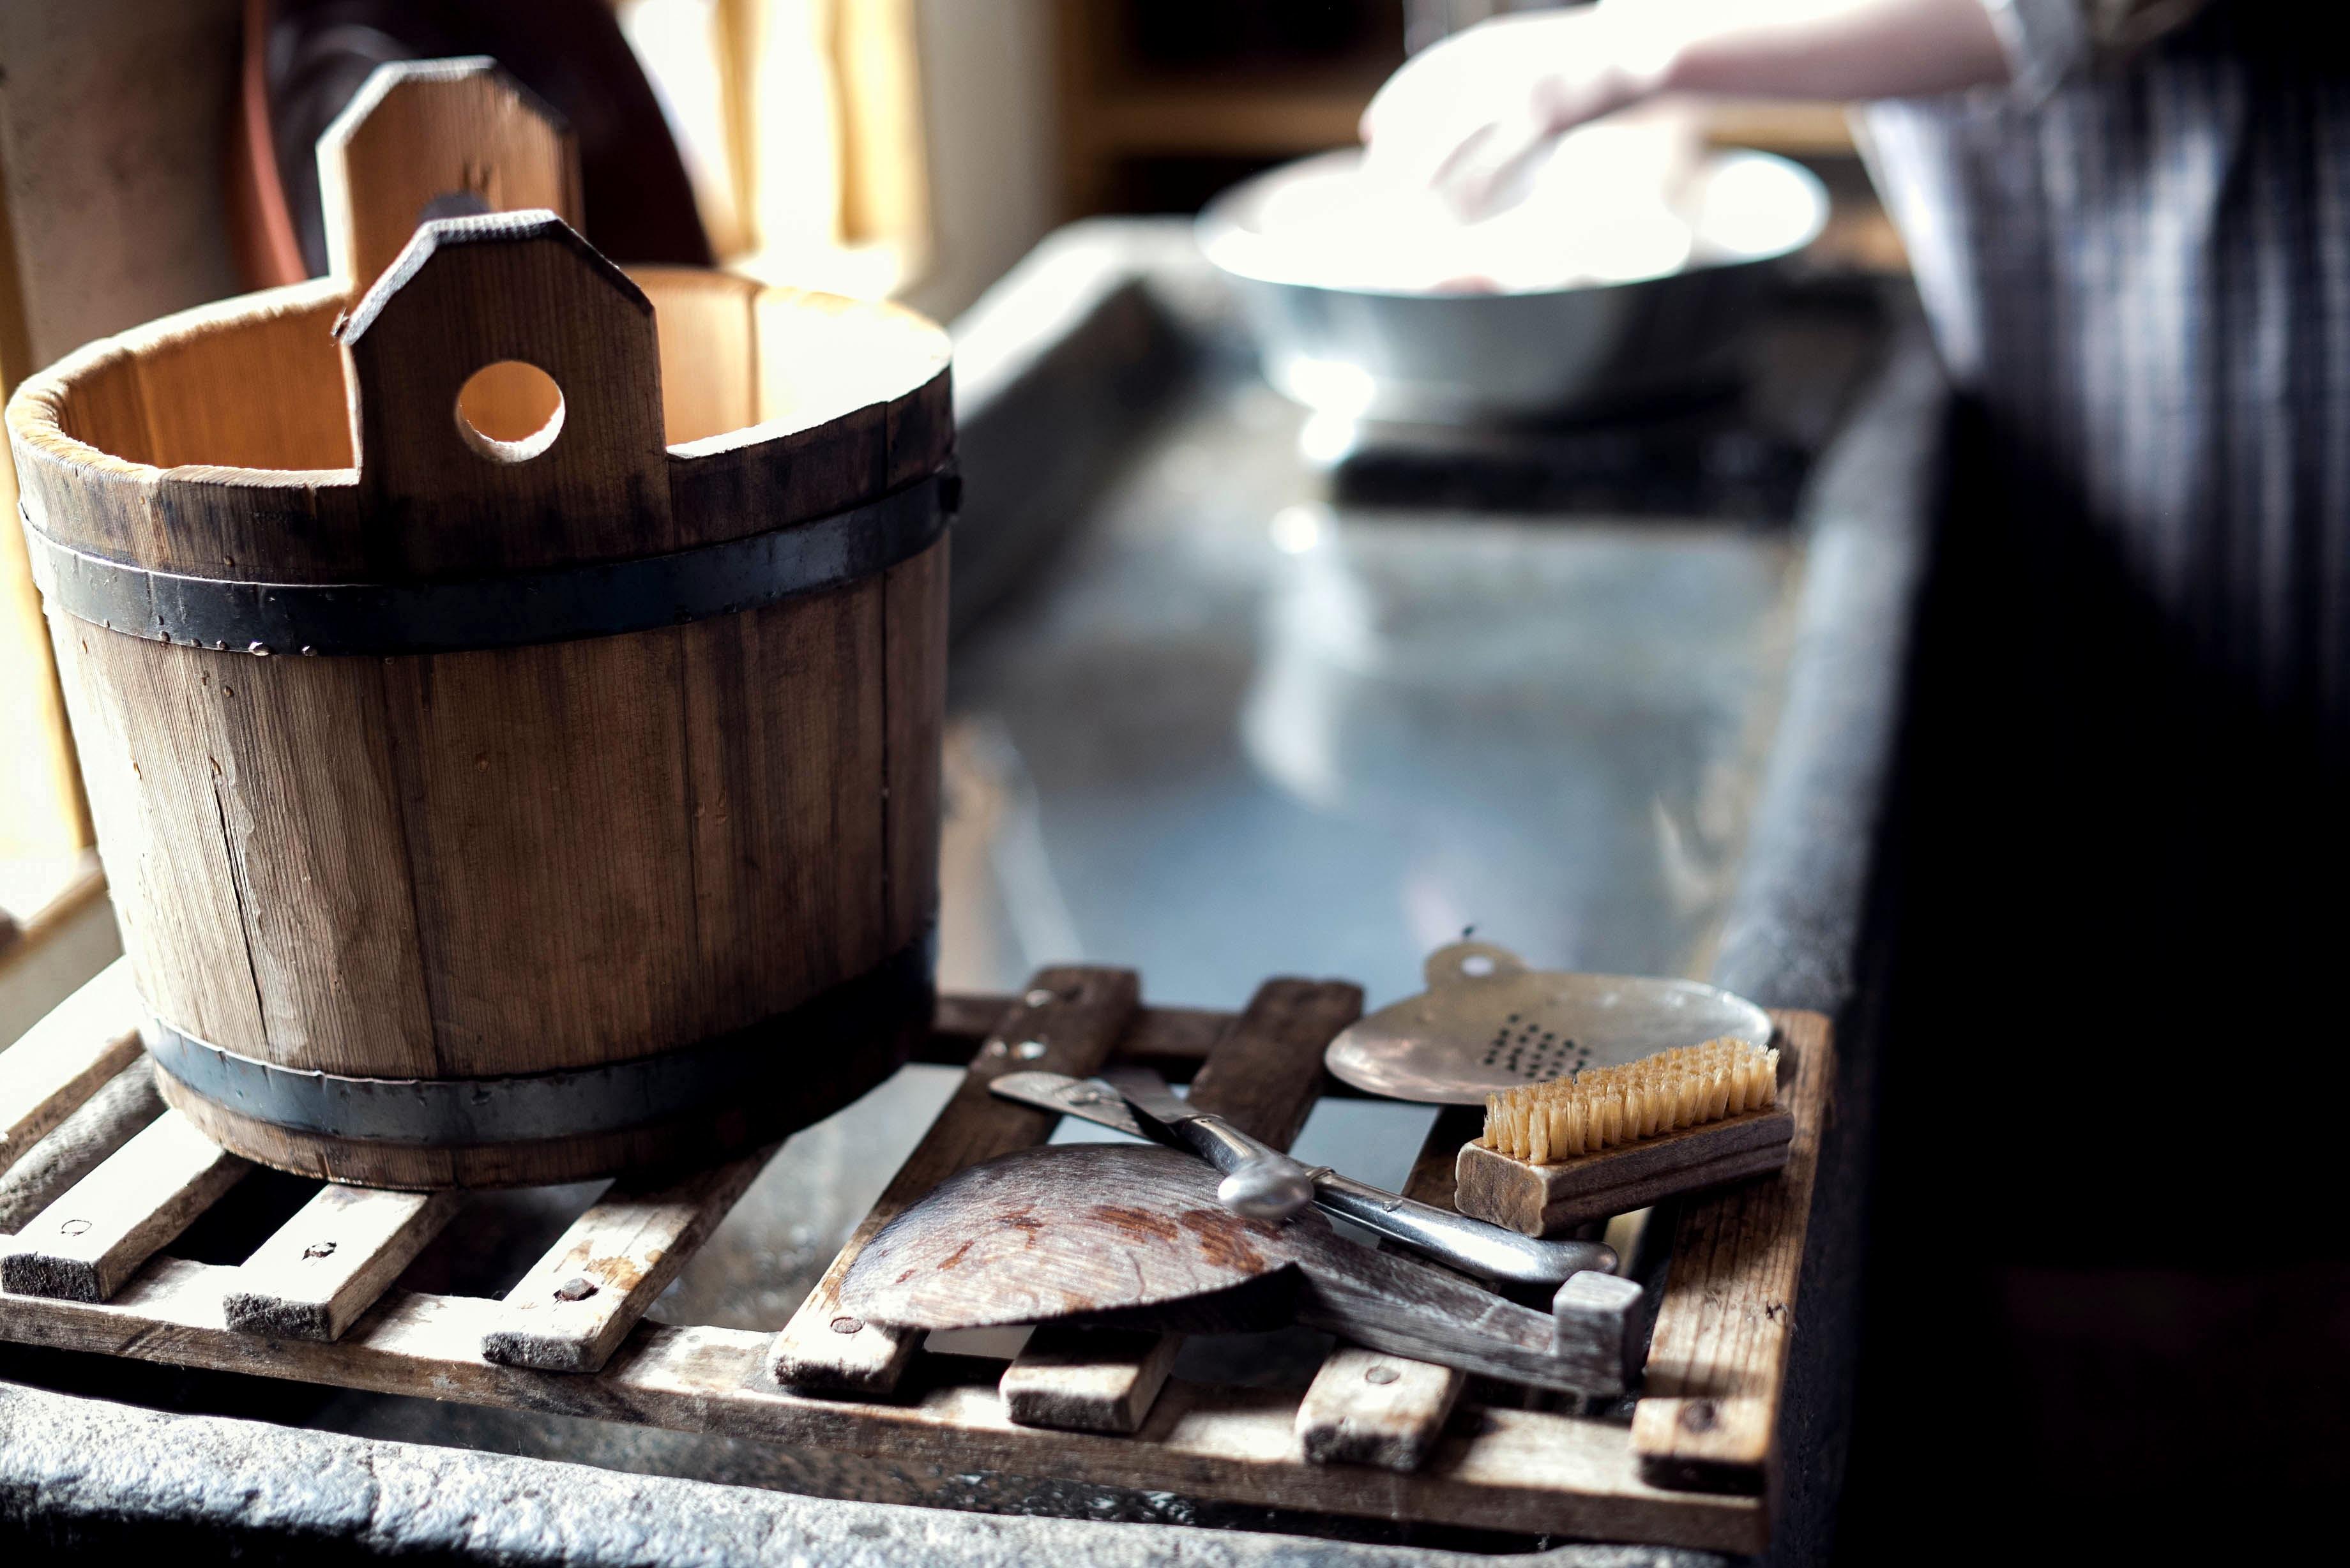 100 yıl önce insanlar borik asit ile banyo yapıyorlardı